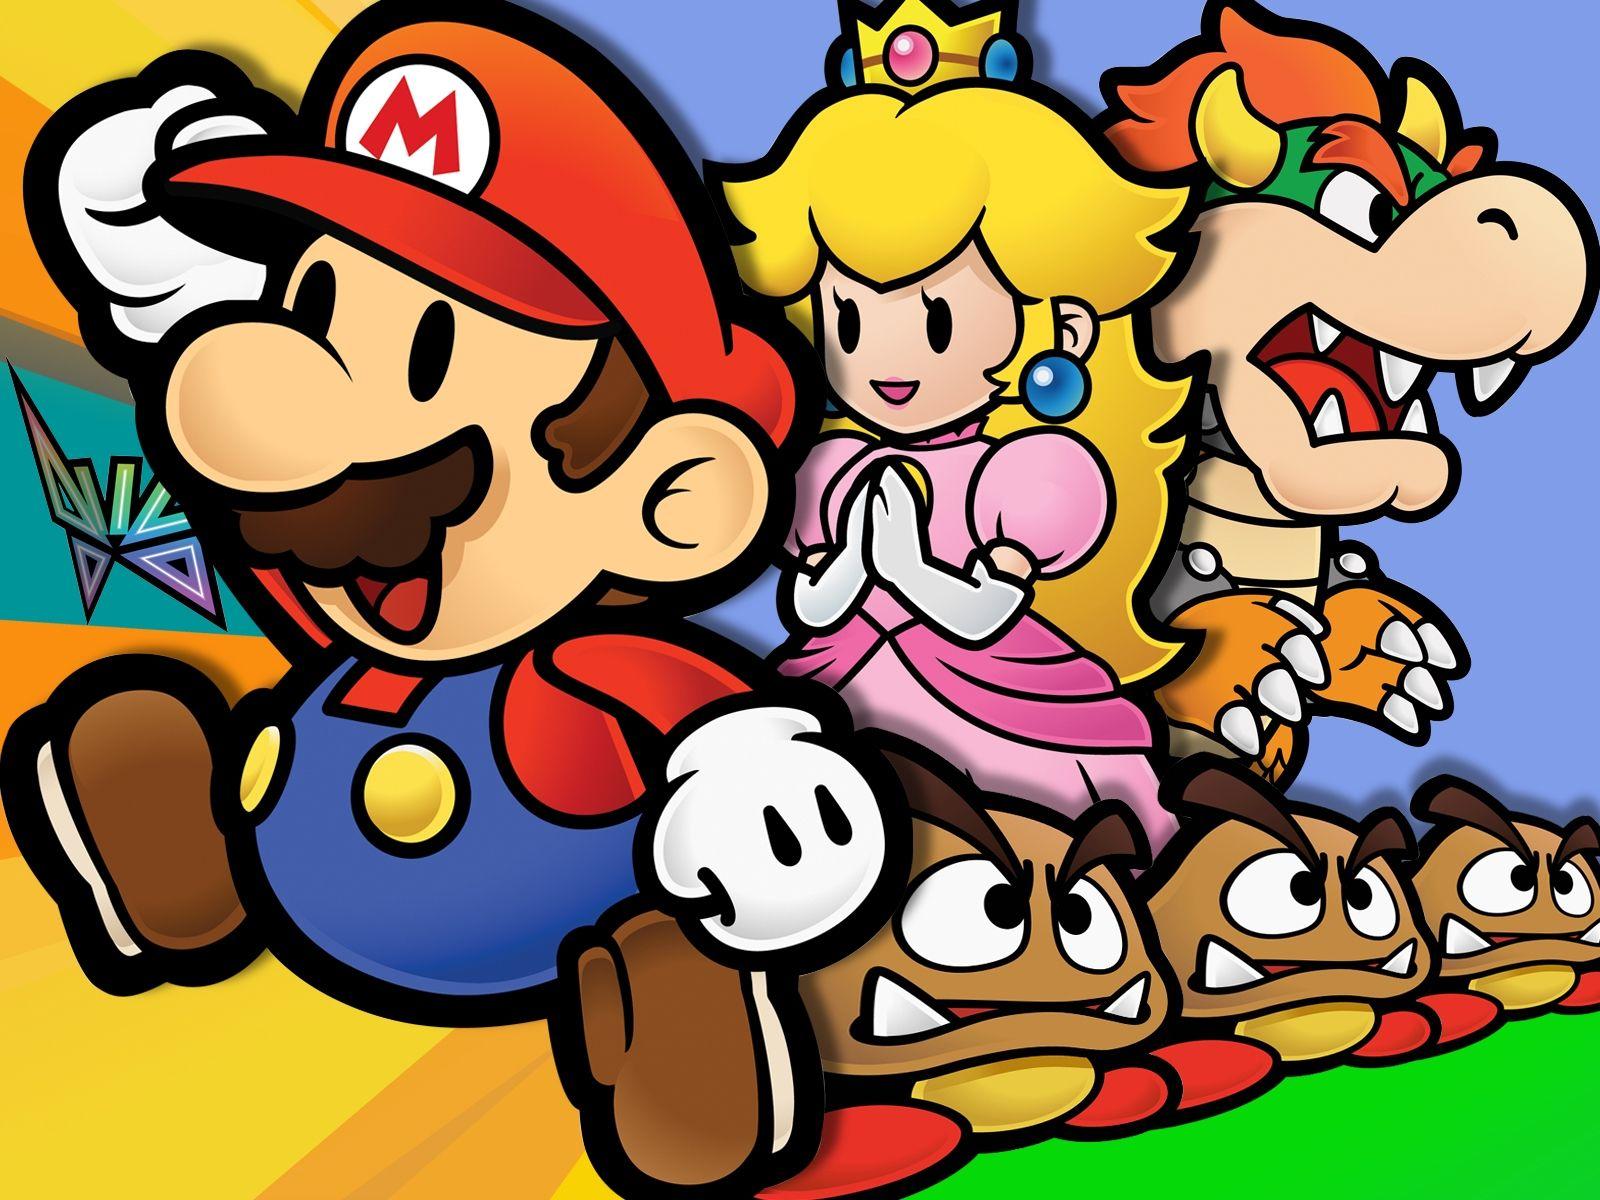 Paper Mario La Puerta Milenaria En Ingles Paper Mario The